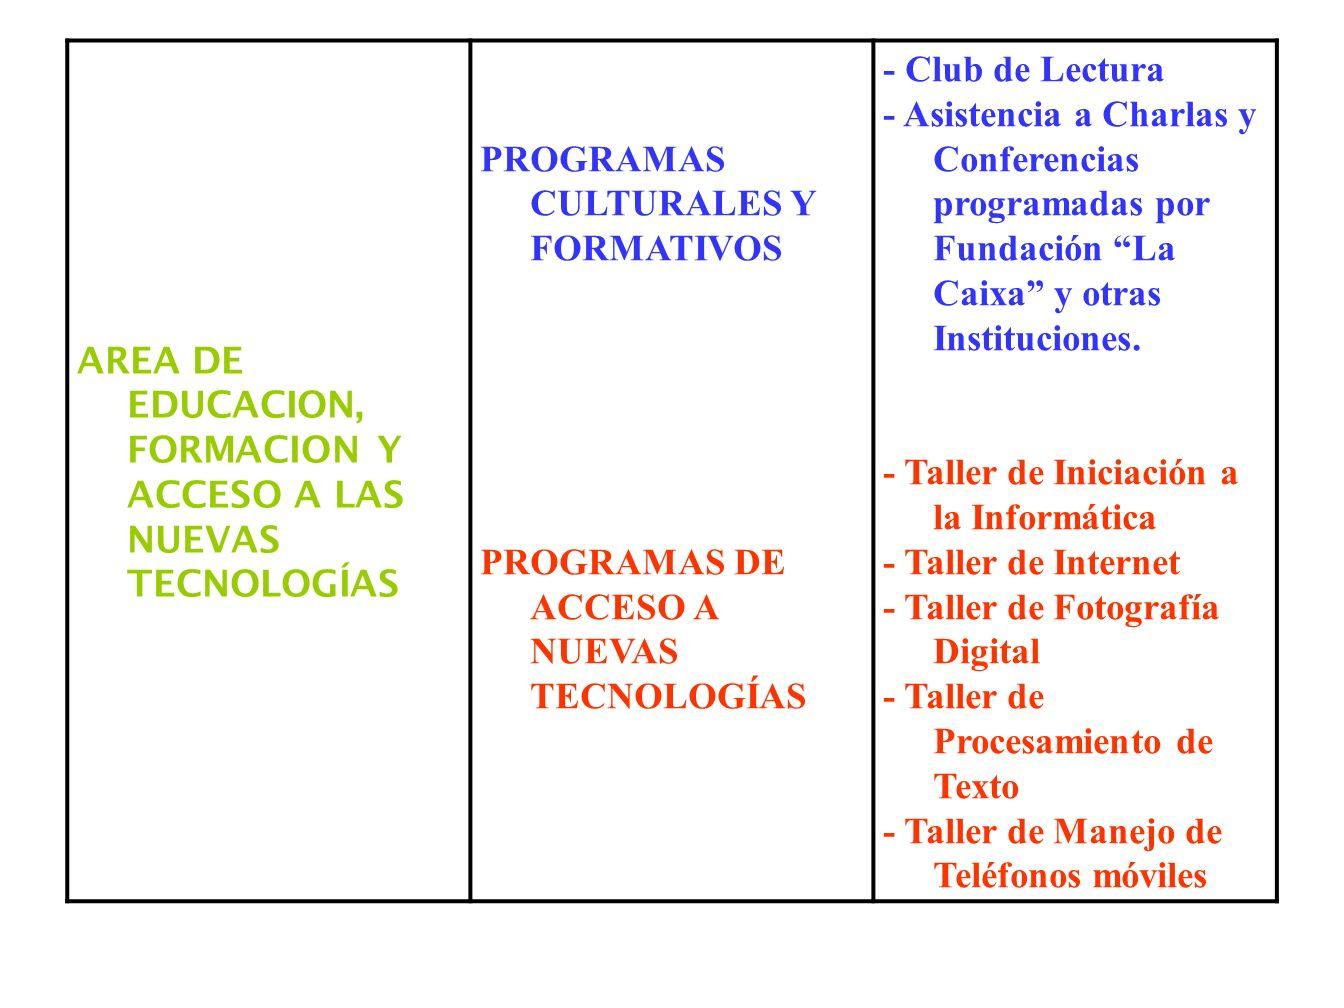 Las ACTIVIDADES que se llevarán a cabo en el 2008, son las siguientes: AREA DE PROMOCION DE LA AUTONOMIA PERSONAL Y EL ENVEJECIMIENTO SALUDABLE MANTEN